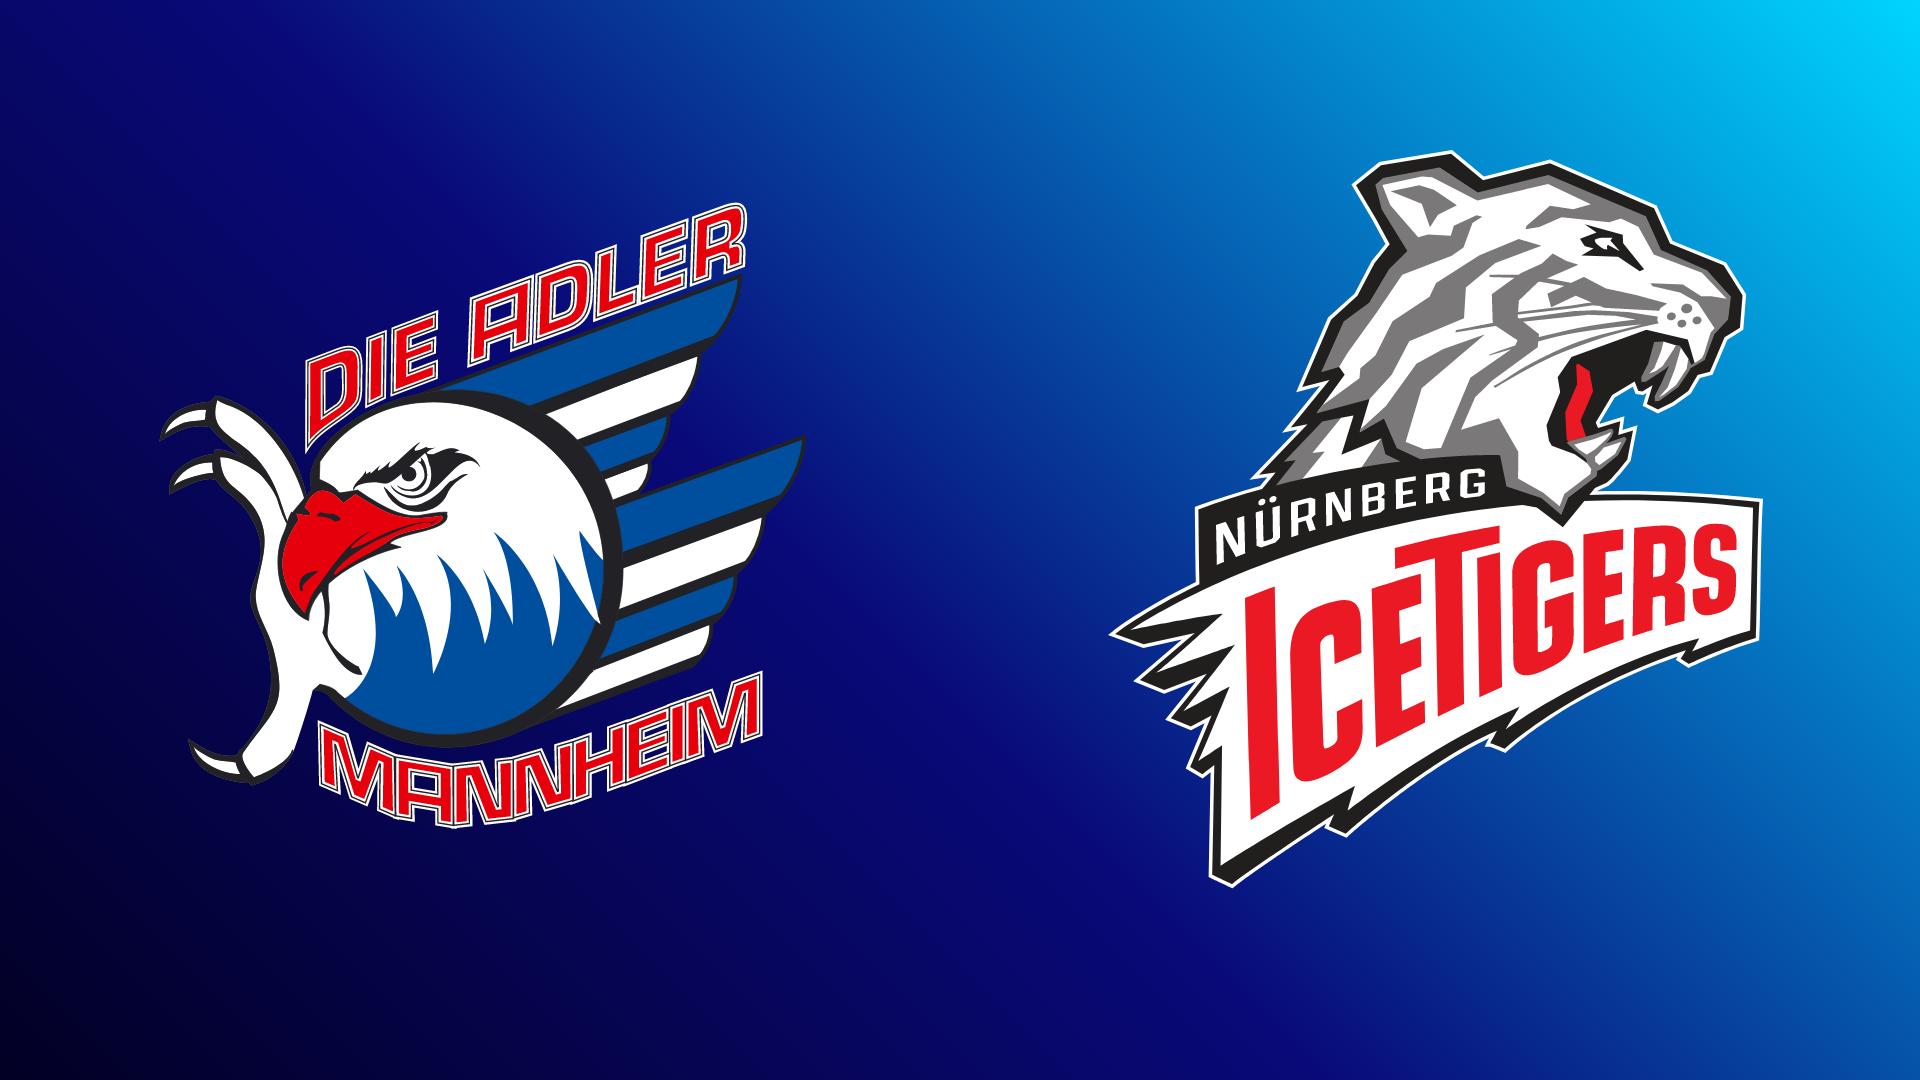 Adler Mannheim - Nürnberg Ice Tigers 01.03.2021 um 18:15 Uhr auf Magenta Sport